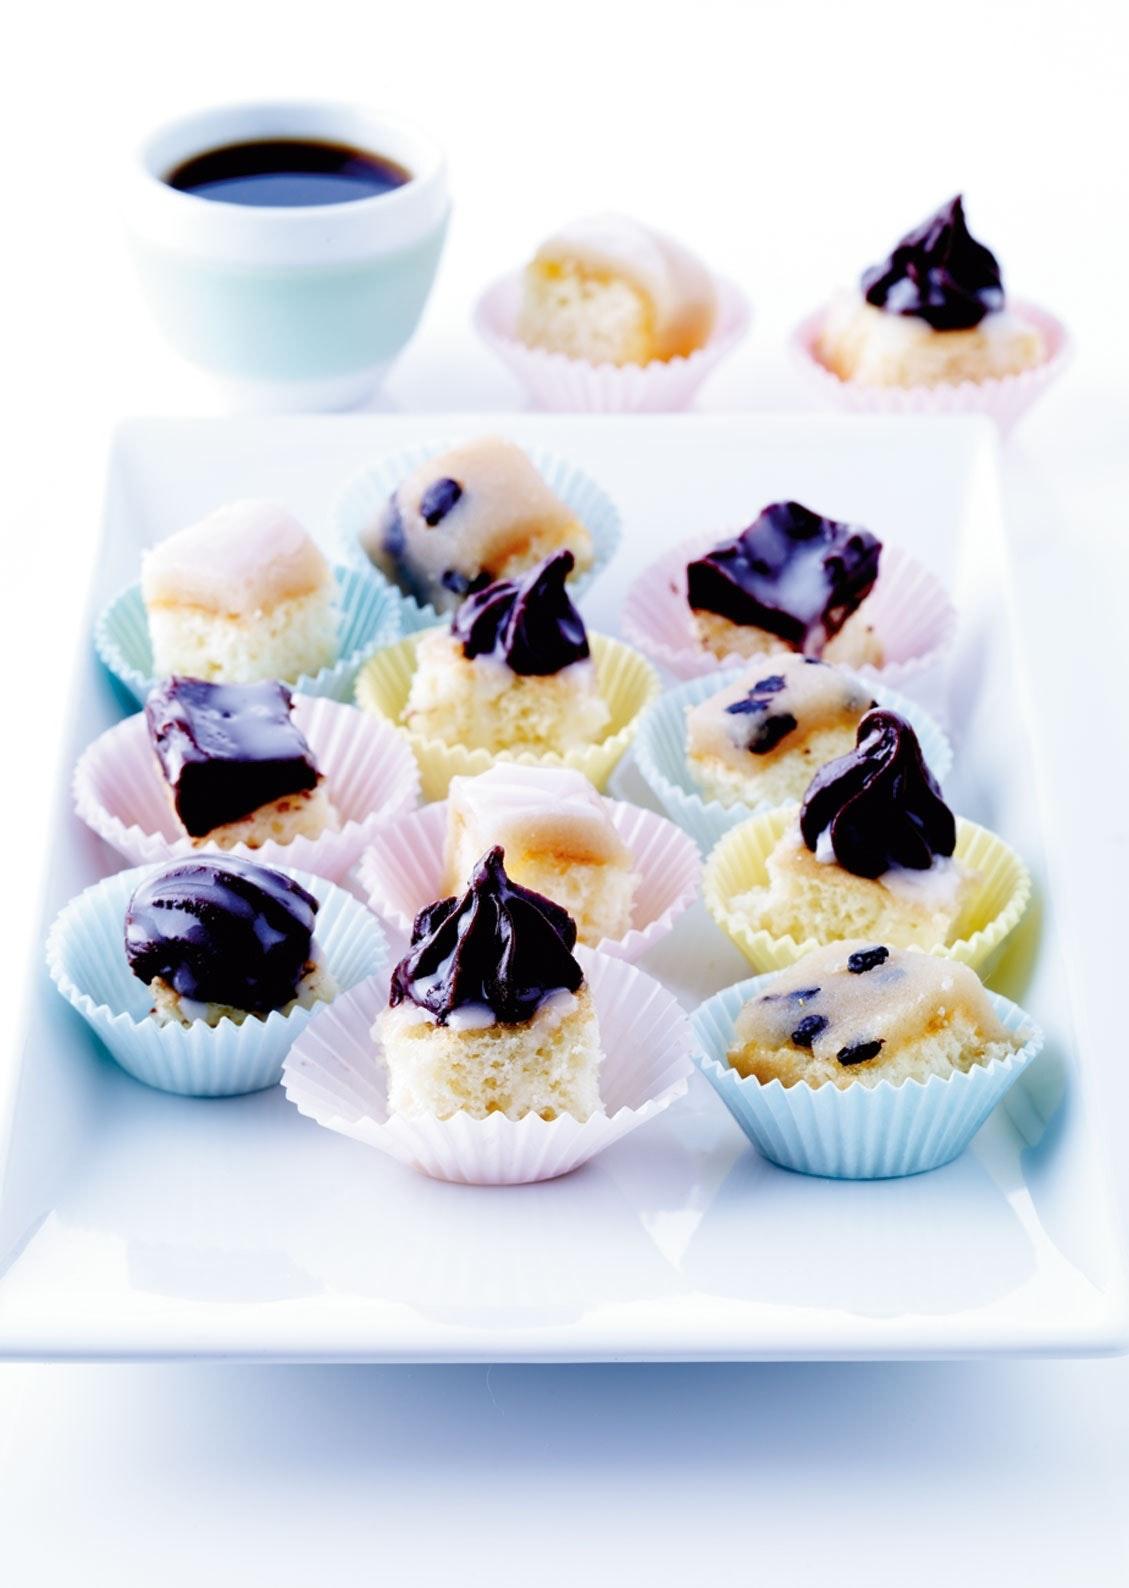 Petit fours, søte småkaker